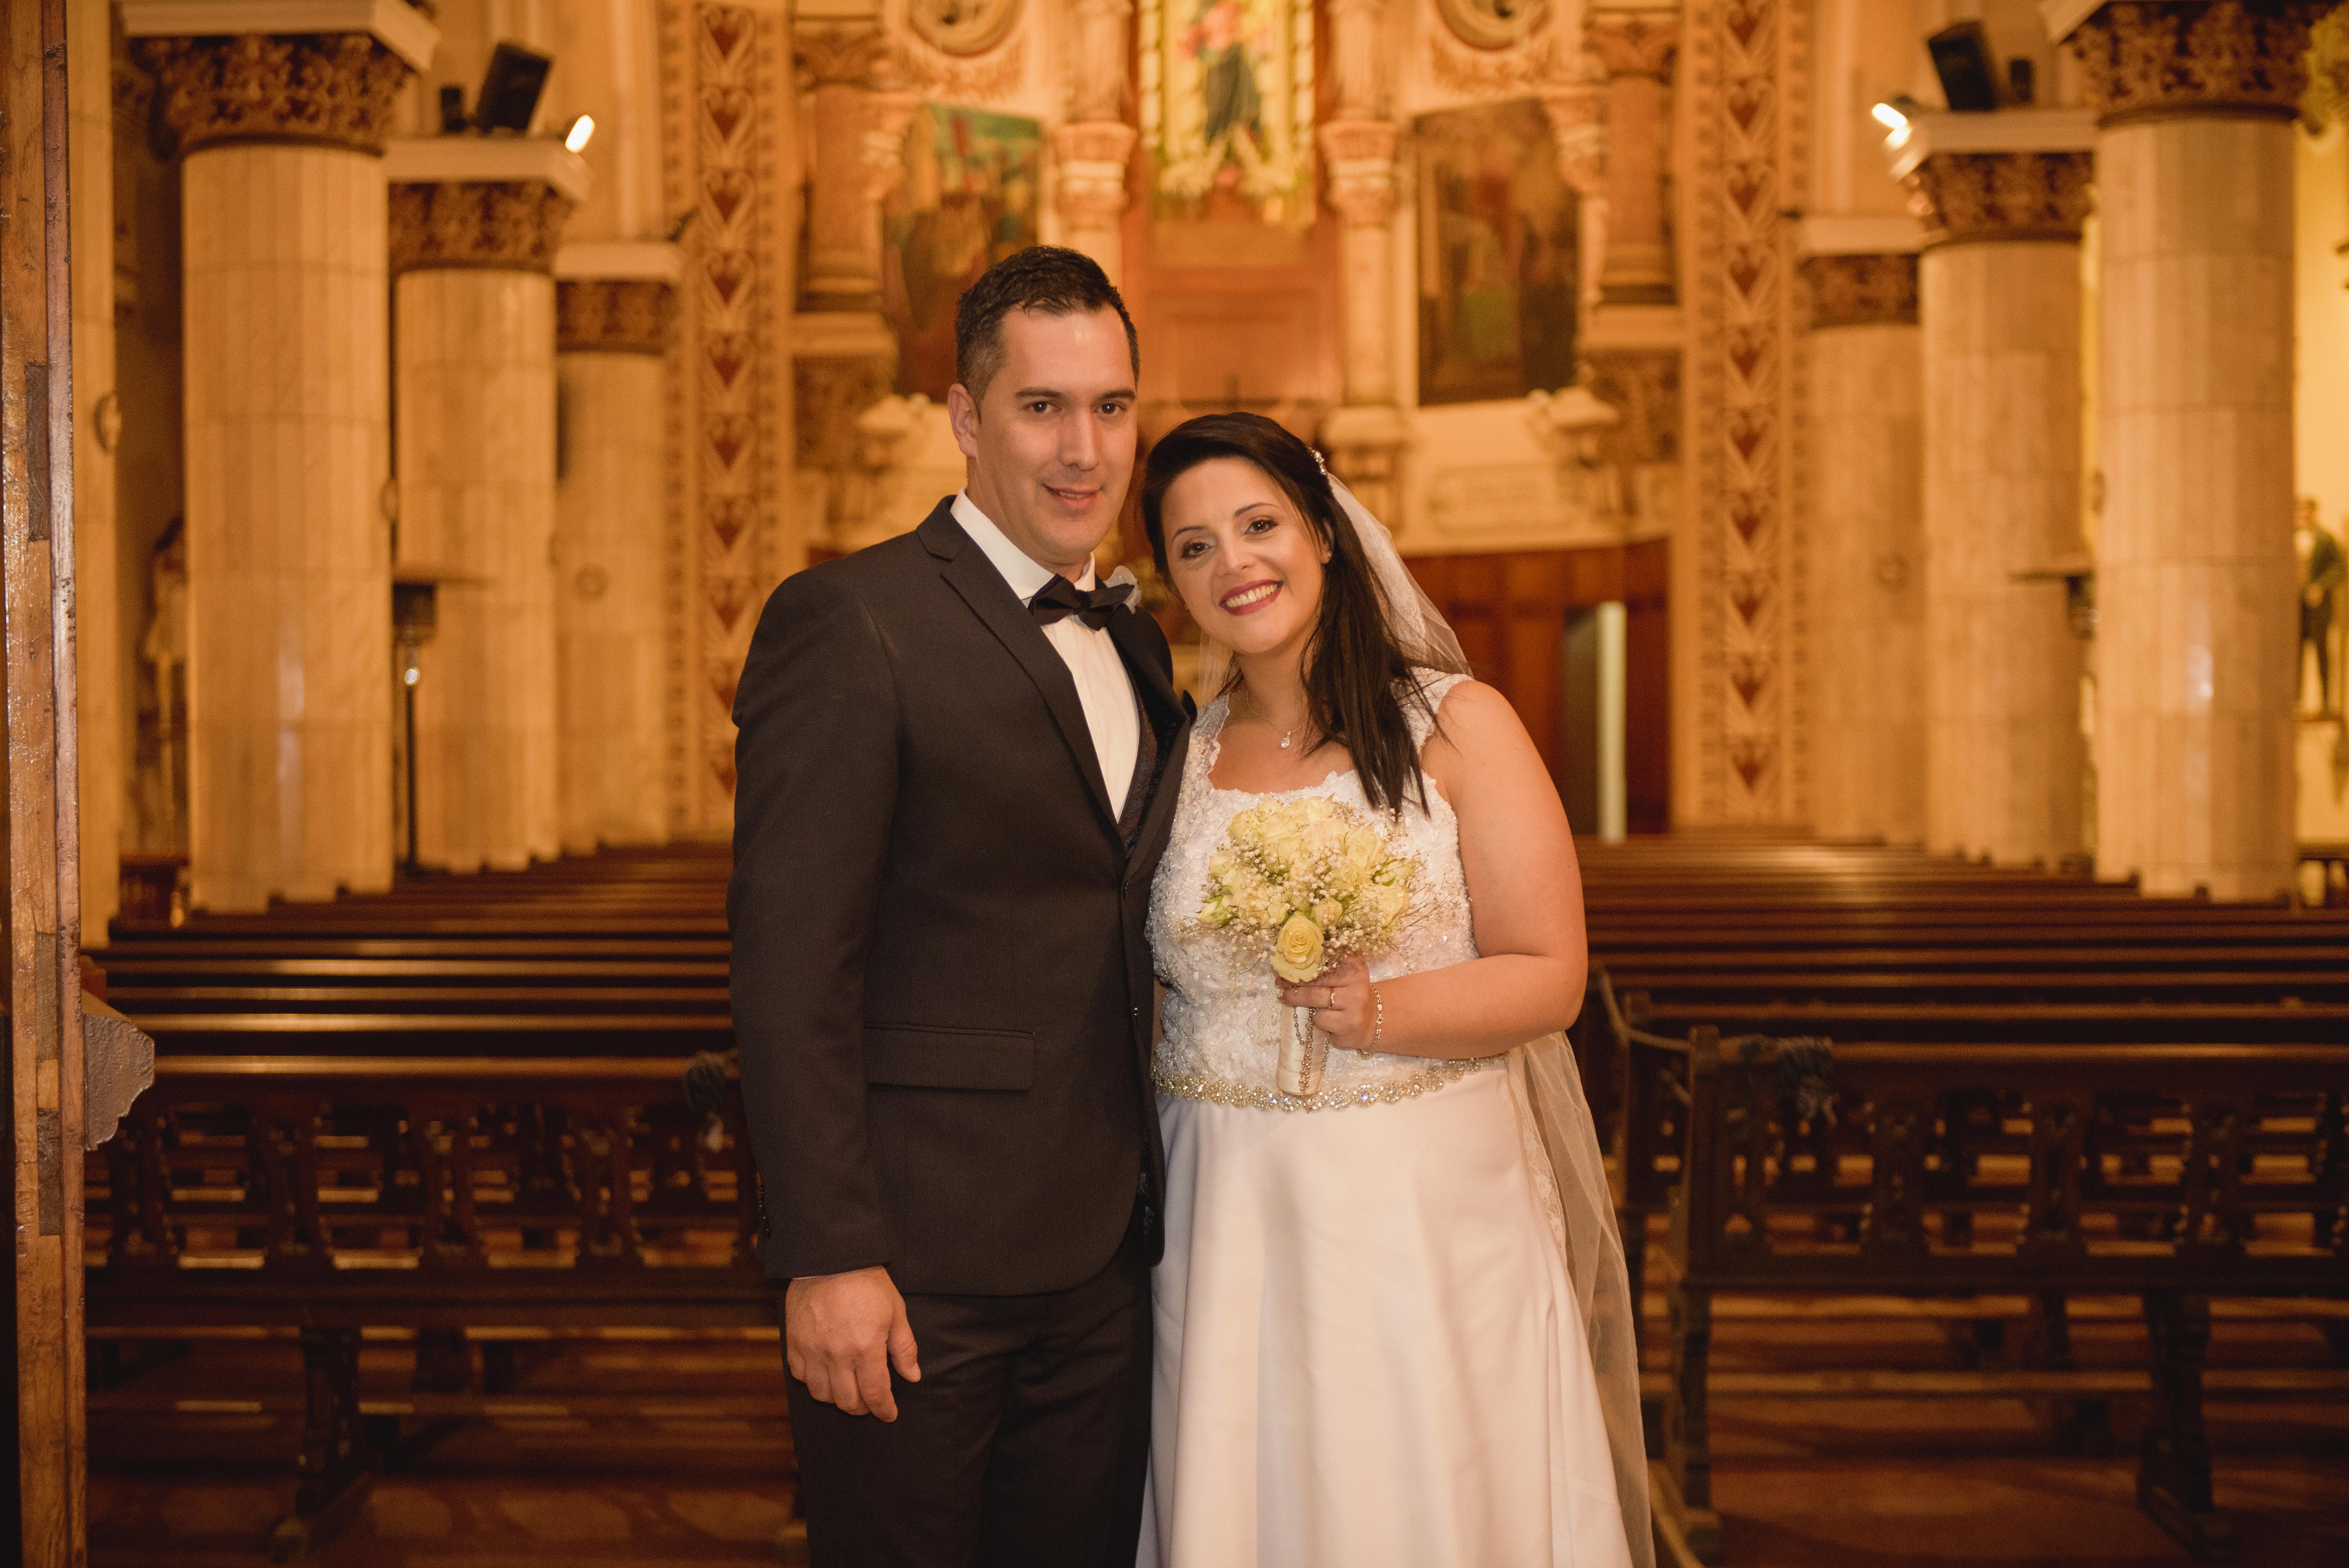 Mercedes y Carlos_Iglesia-5824